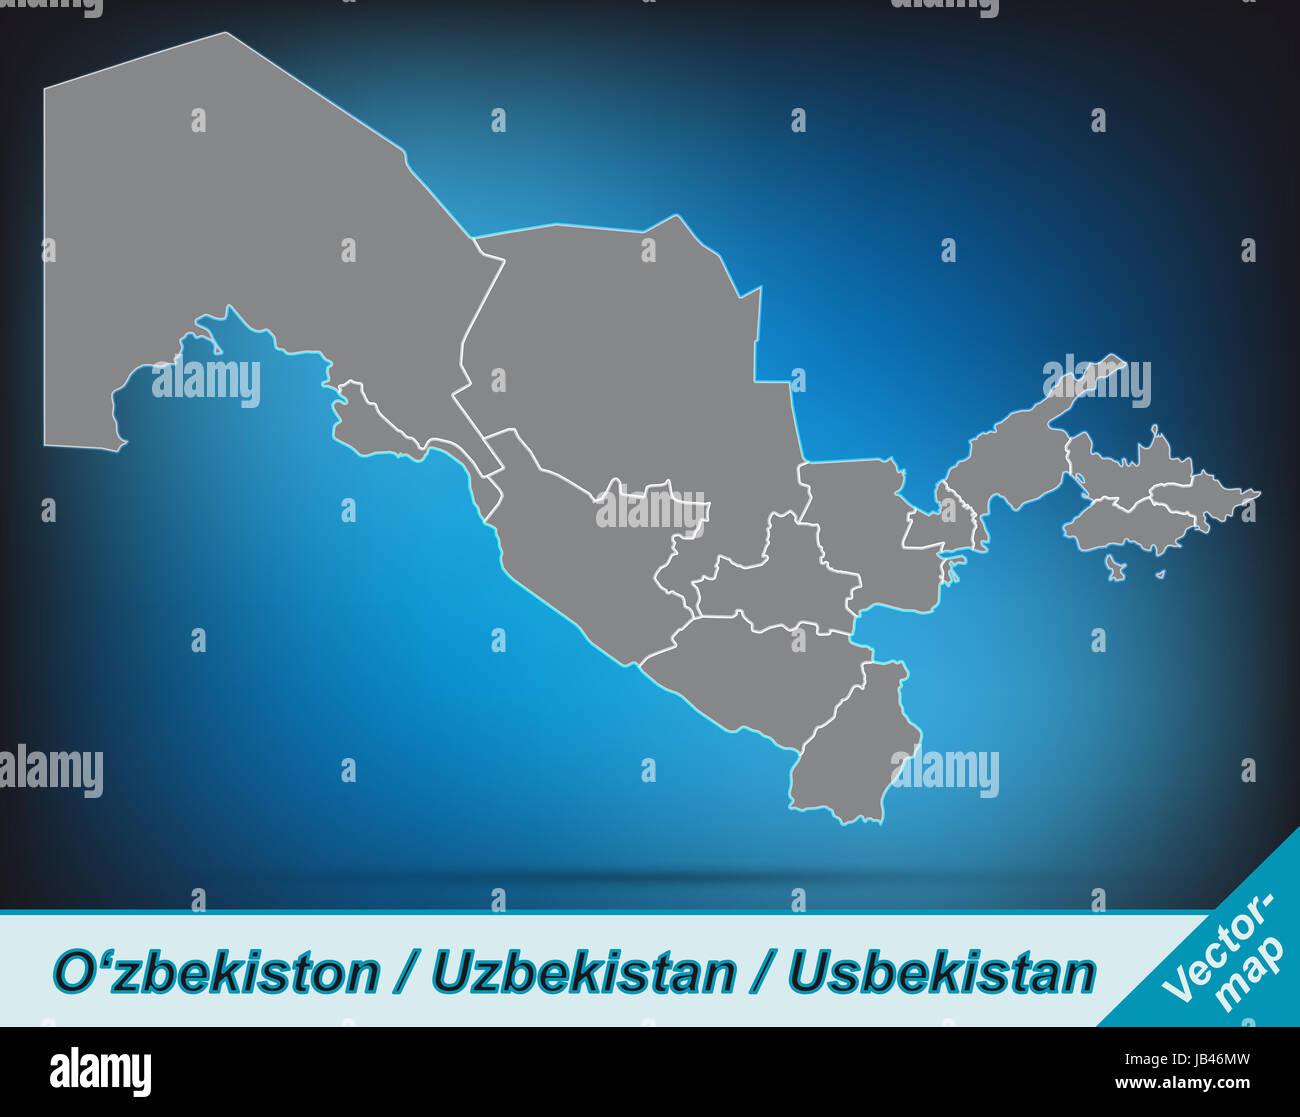 Usbekistan in Asien als Grenzkarte mit Grenzen  Durch die ansprechende Gestaltung fügt sich die Karte perfekt in Stock Photo